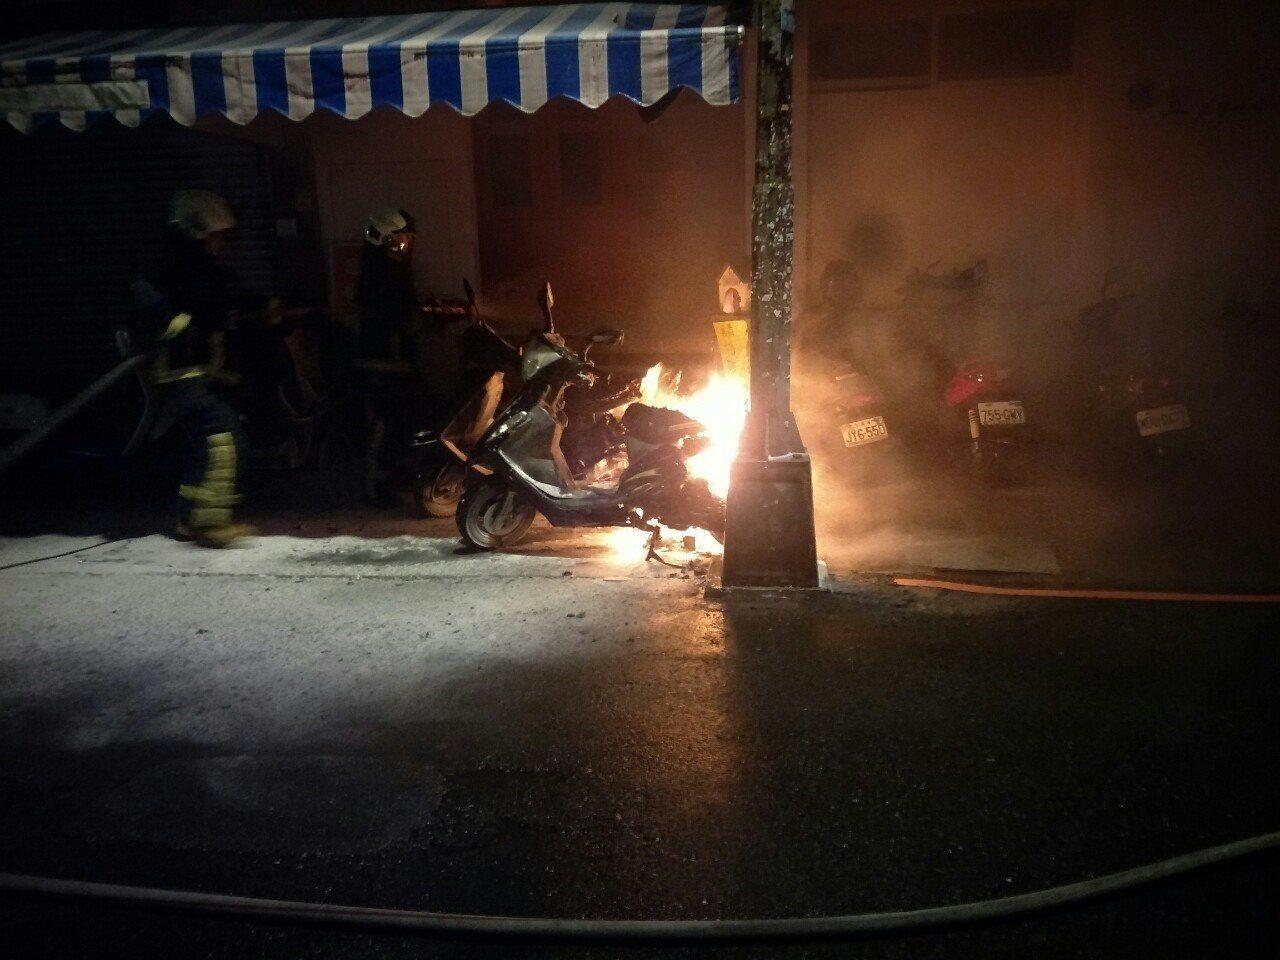 台中市西區向上北路189巷今晨2輛機車起火燃燒,所幸消防隊到場立即撲滅火勢,未造...